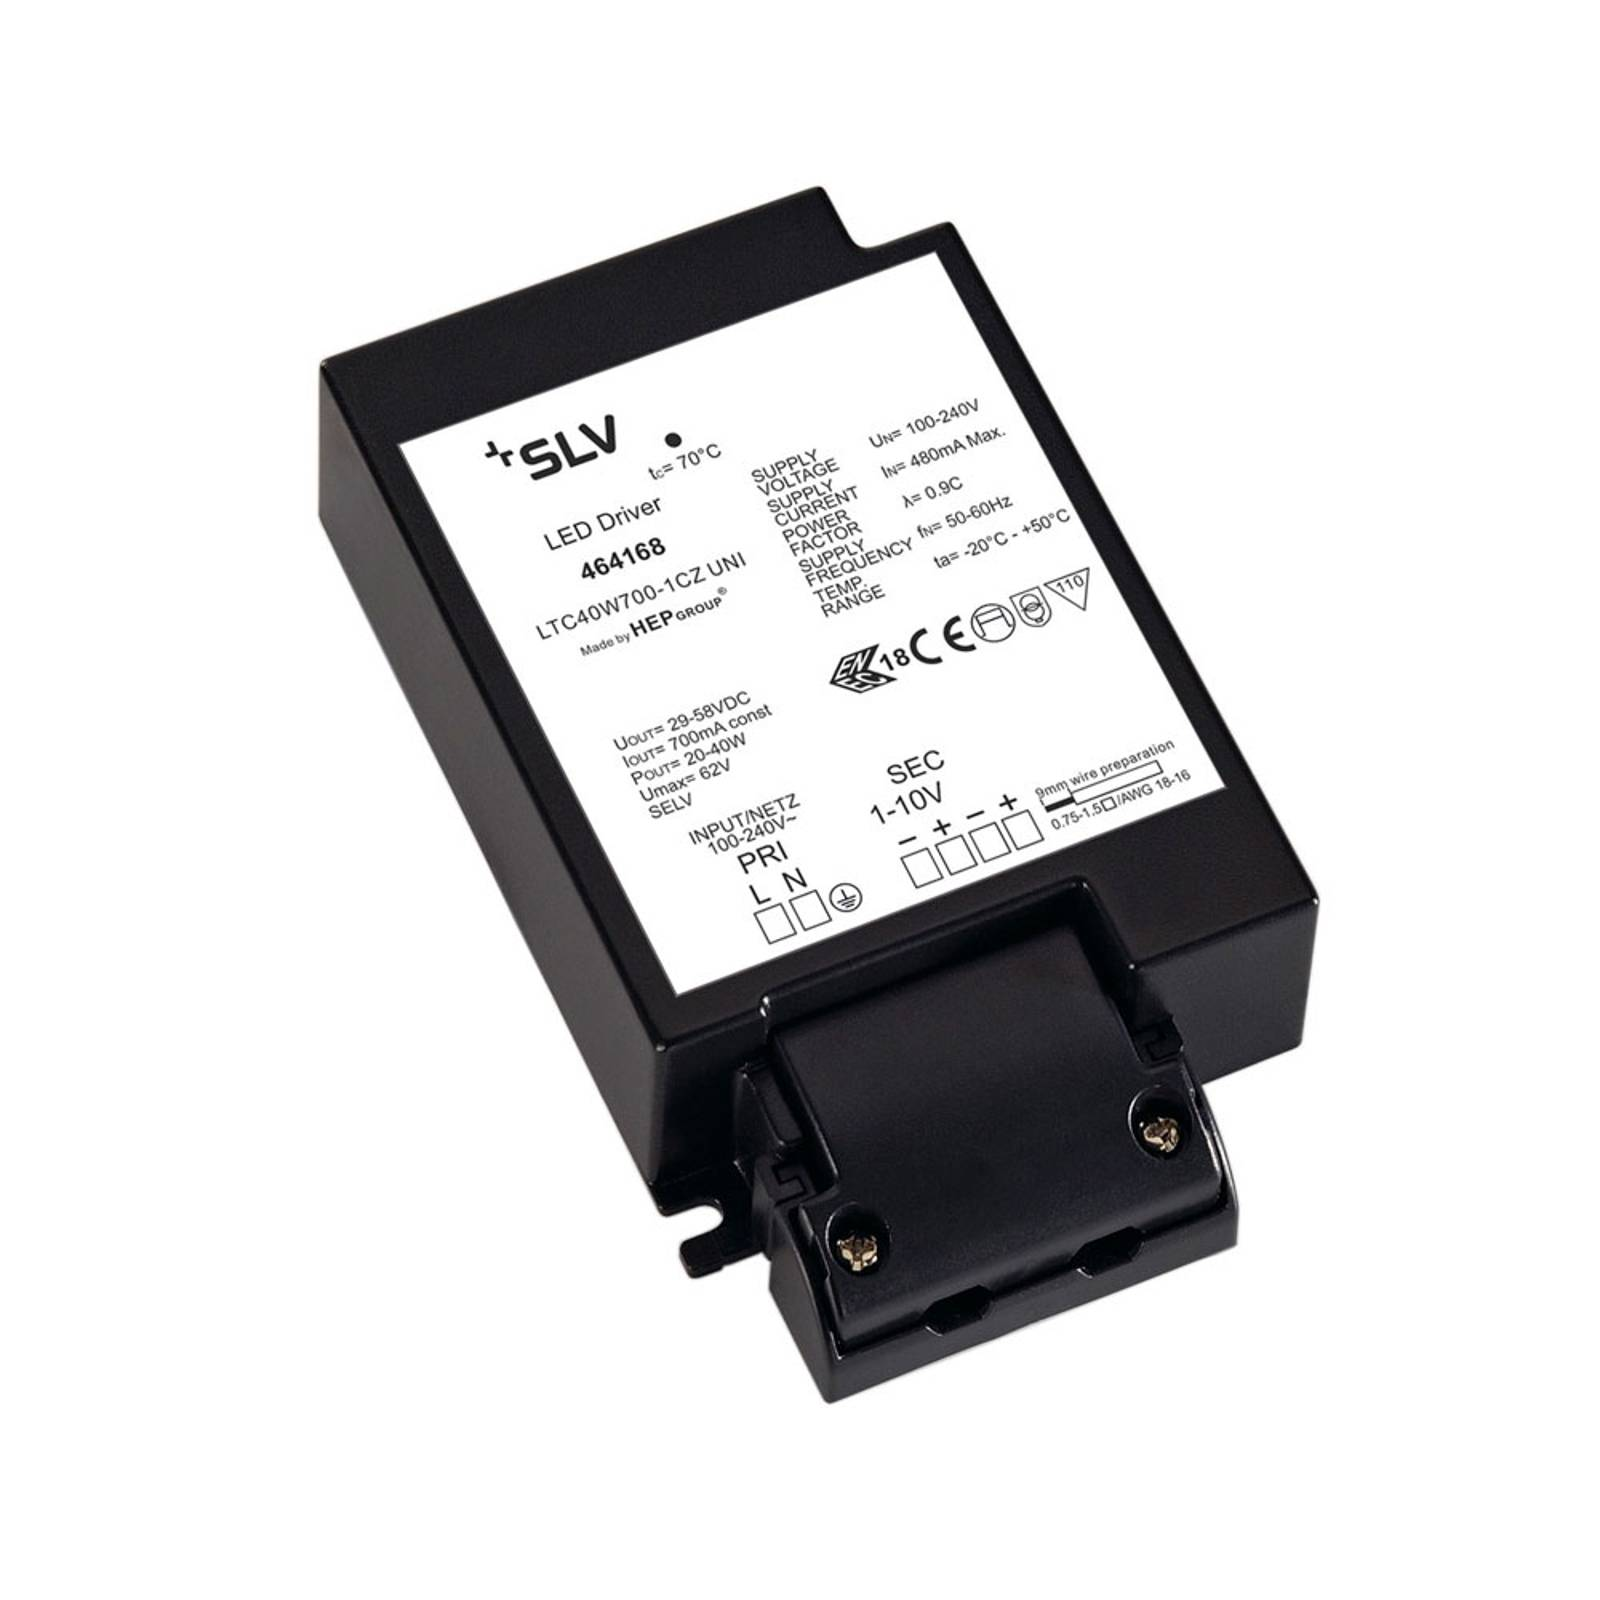 SLV driver LED 700mA/40W con pressacavi